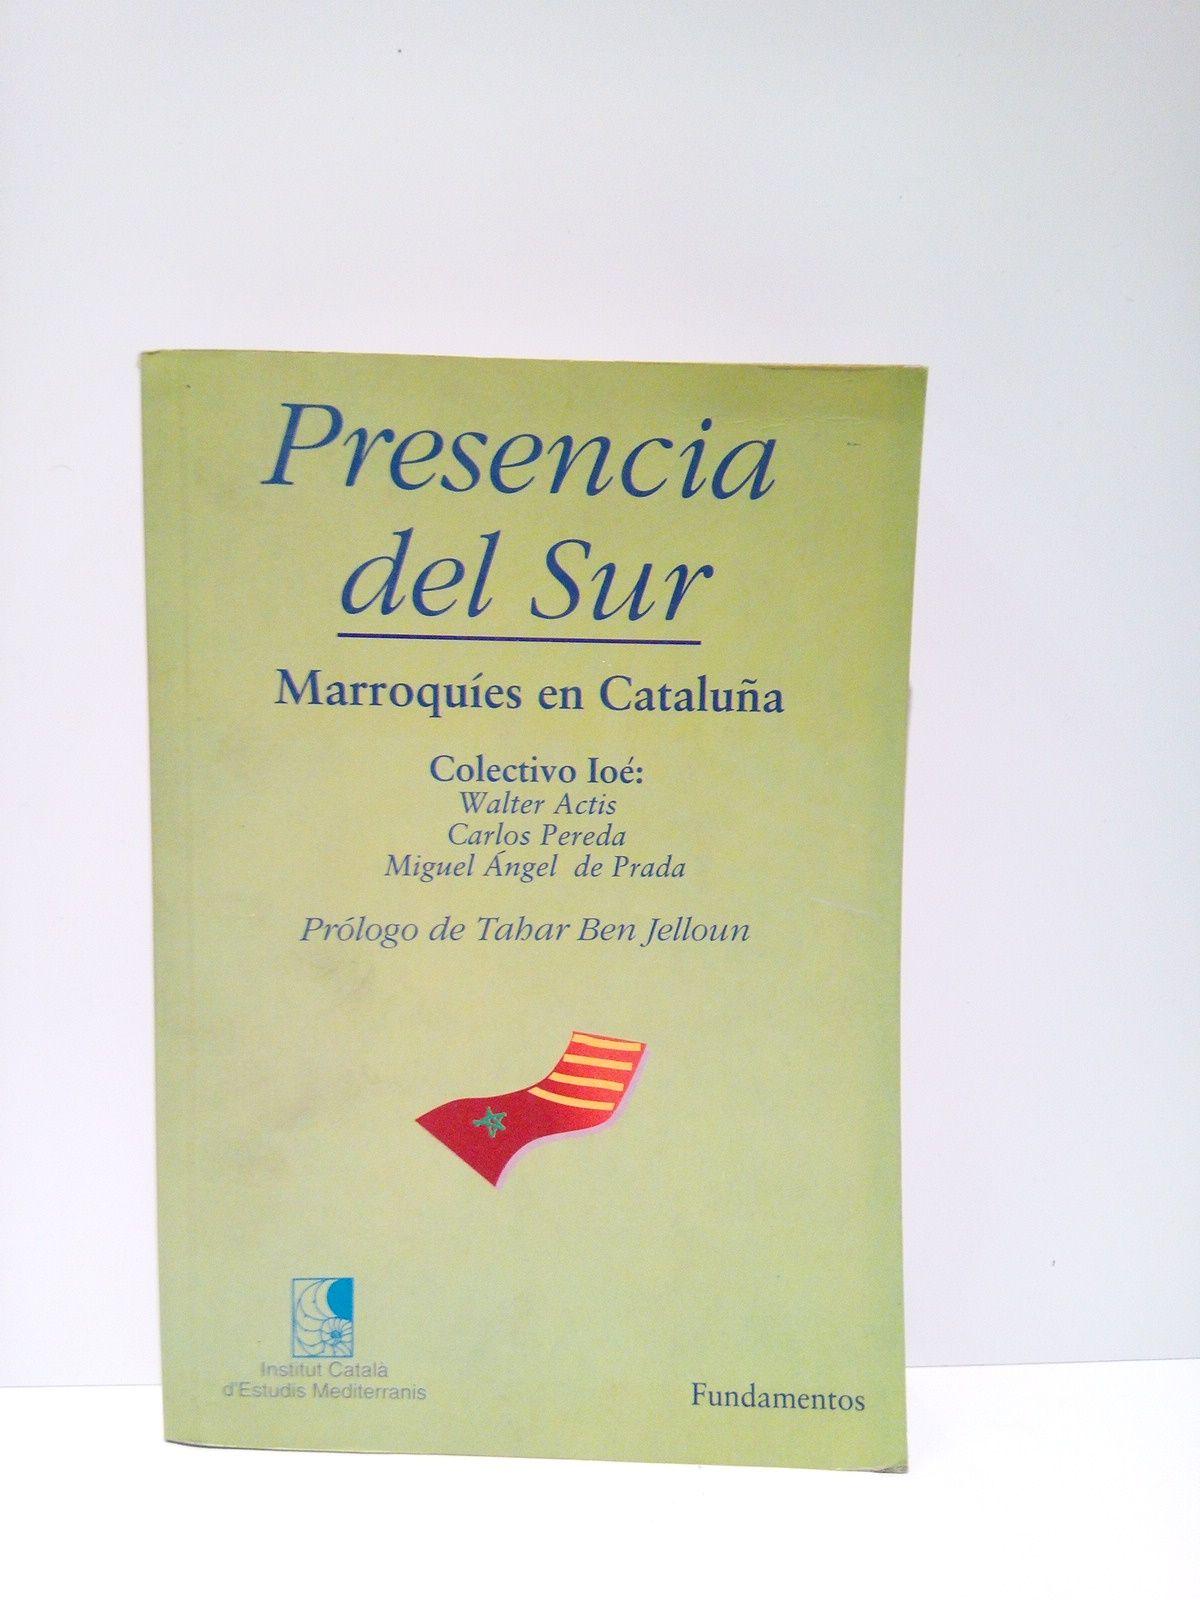 Presencia del sur: Marroquíes en Cataluña / Prol. de Tahar Ben Jelloun - ACTIS, Walter; Carlos Pereda y Miguel A. de Prada